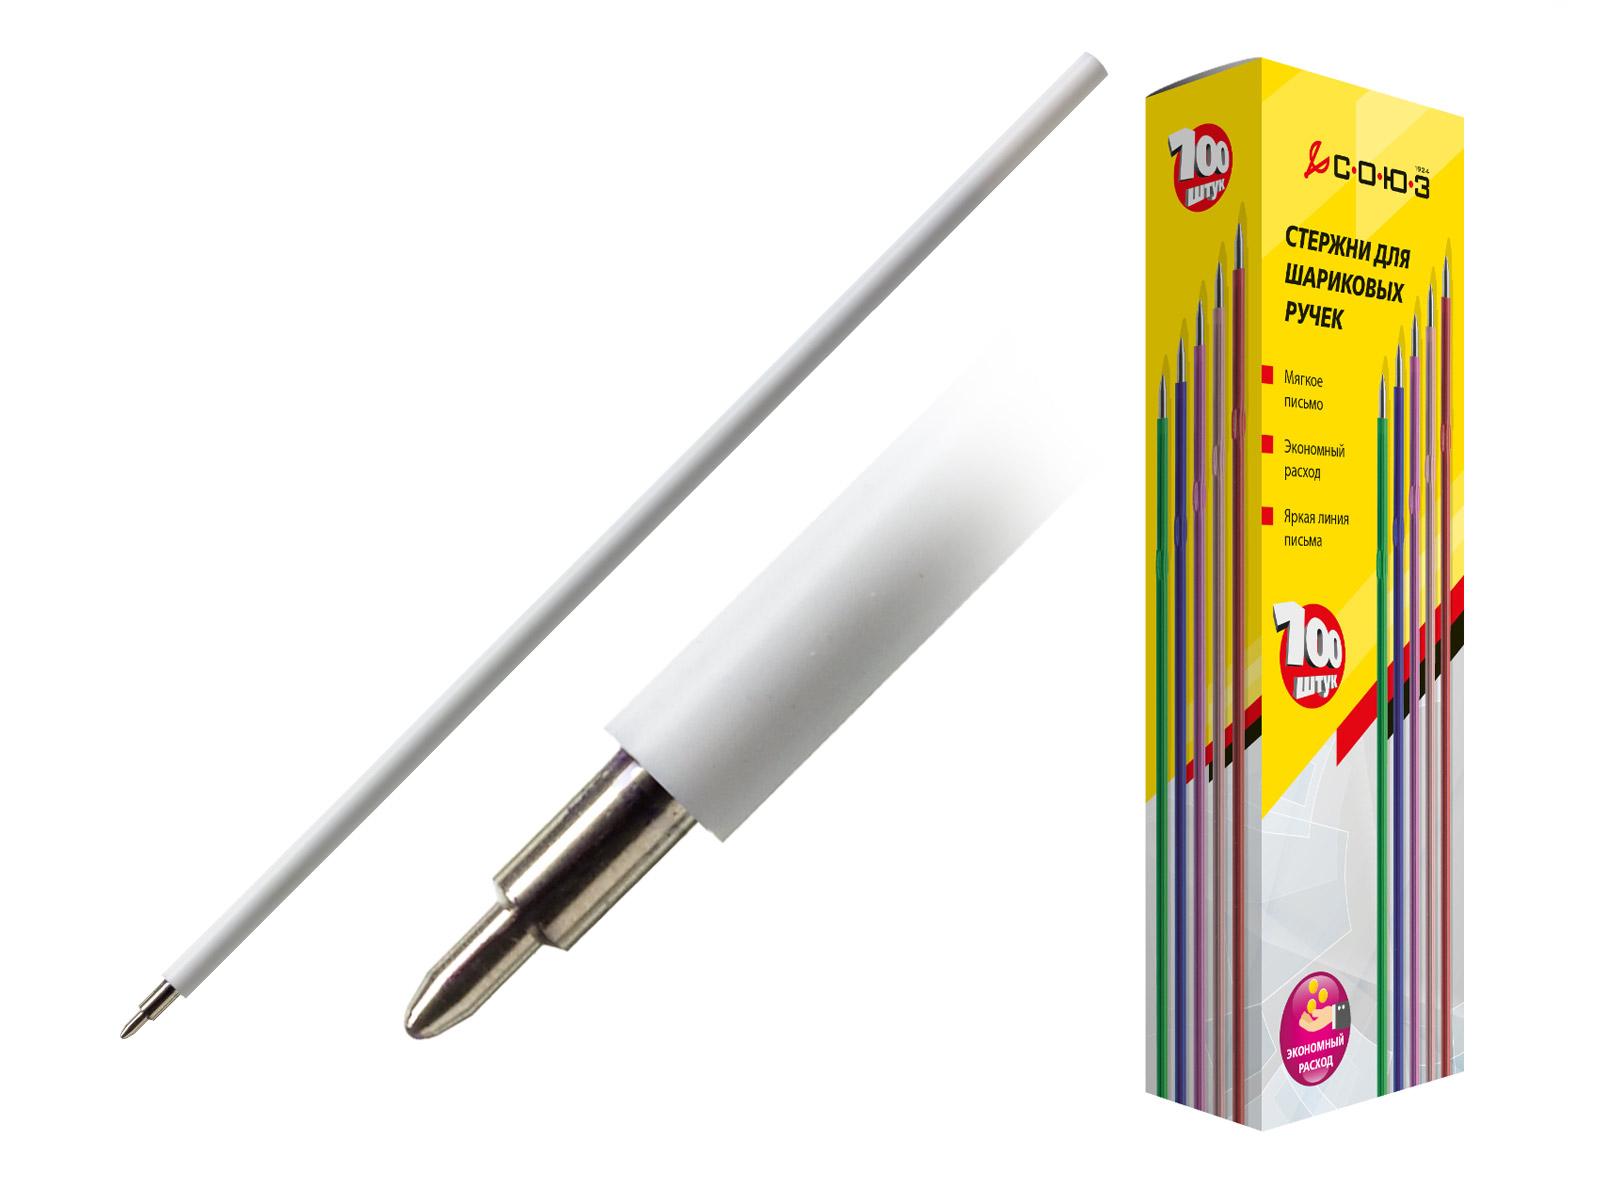 Стержни для шариковых ручек УП145 на масляной основе Игла